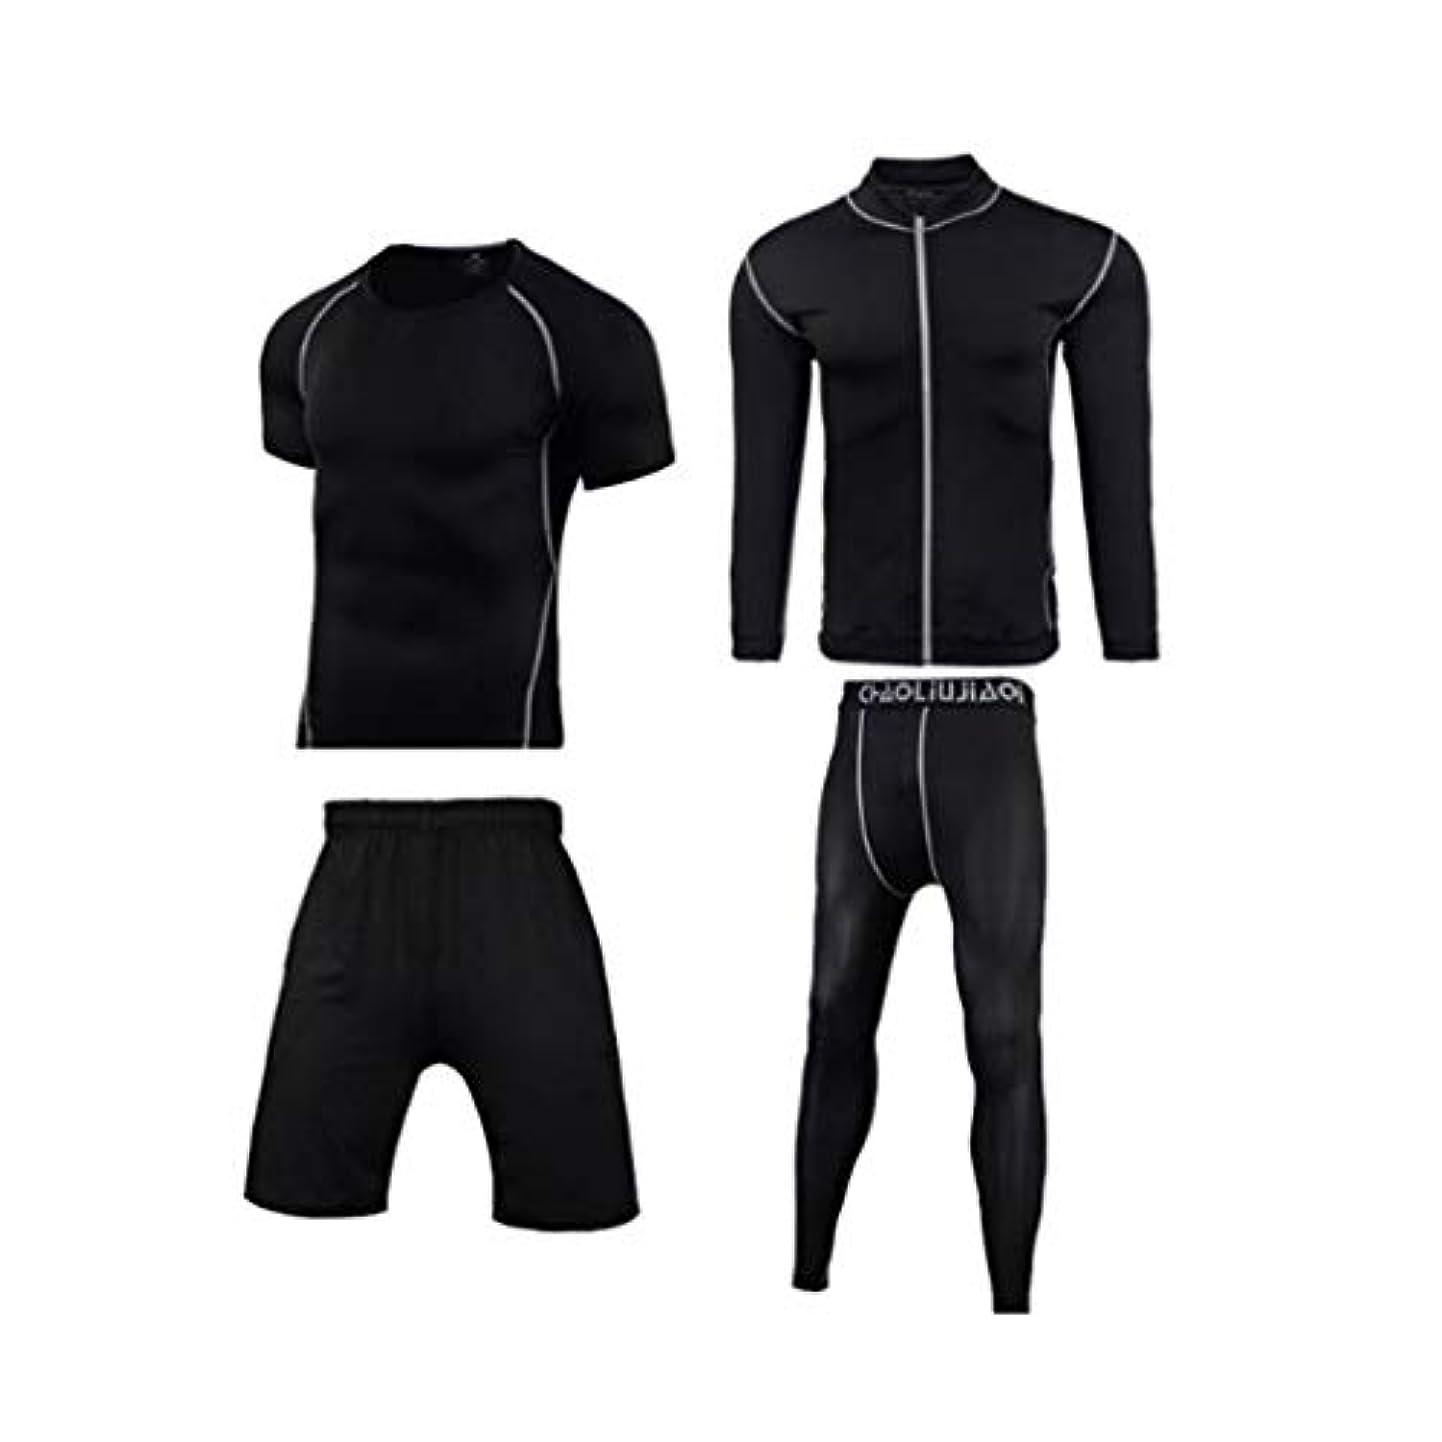 受益者麻痺星男性用フィットネスウェアフィットネスセットタイツランニングスポーツウェアスポーツセット (Color : 2, Size : XL)